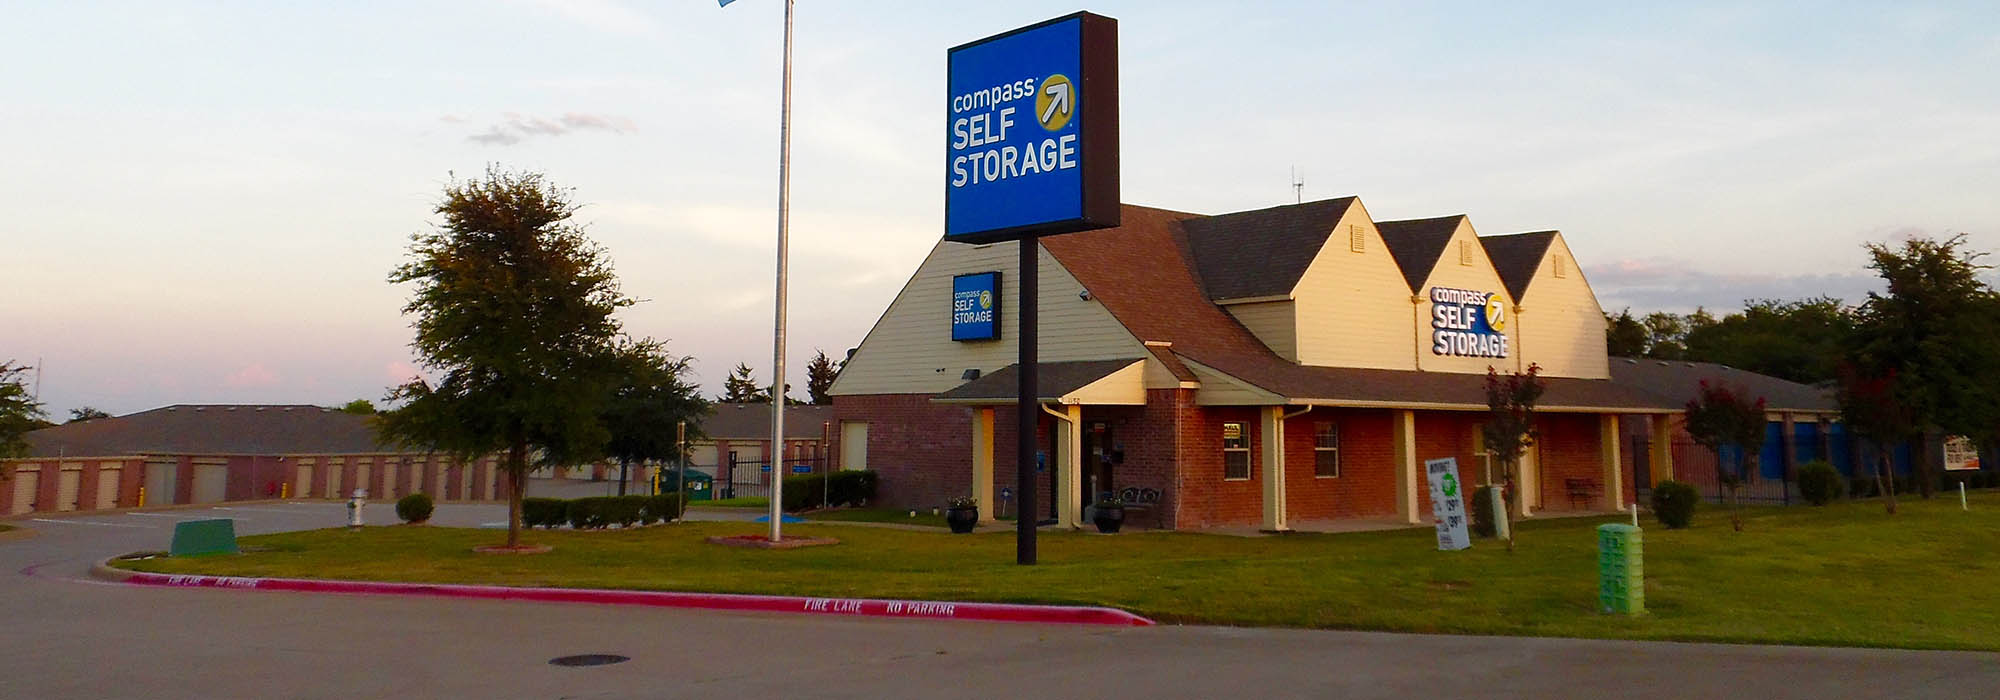 Self storage in Cedar Hill TX